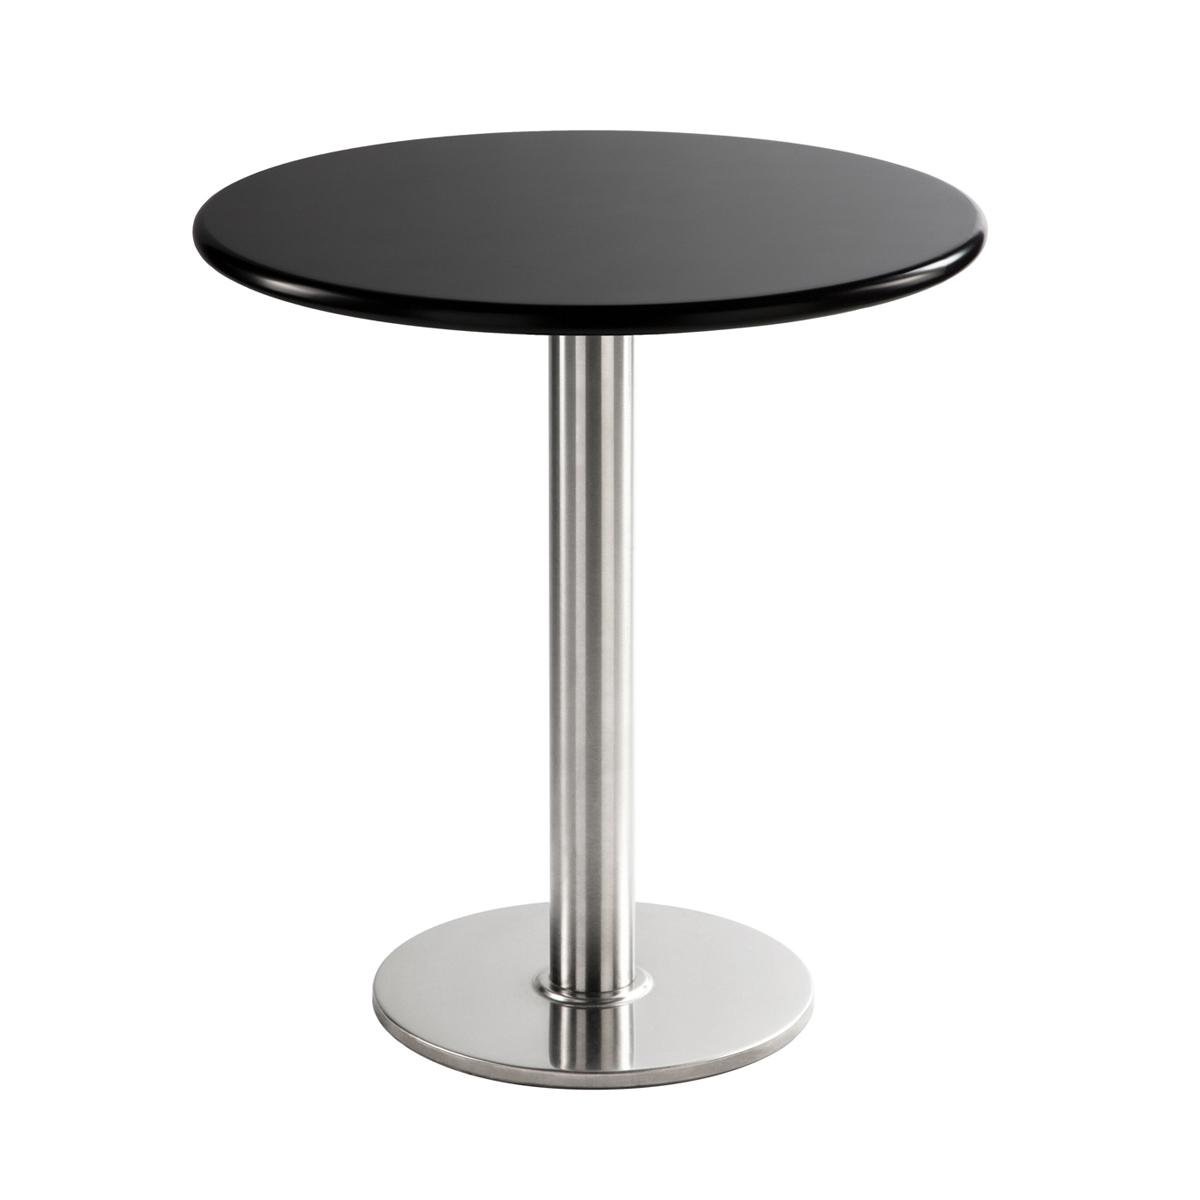 Sitztisch Chromo, rund, schwarz